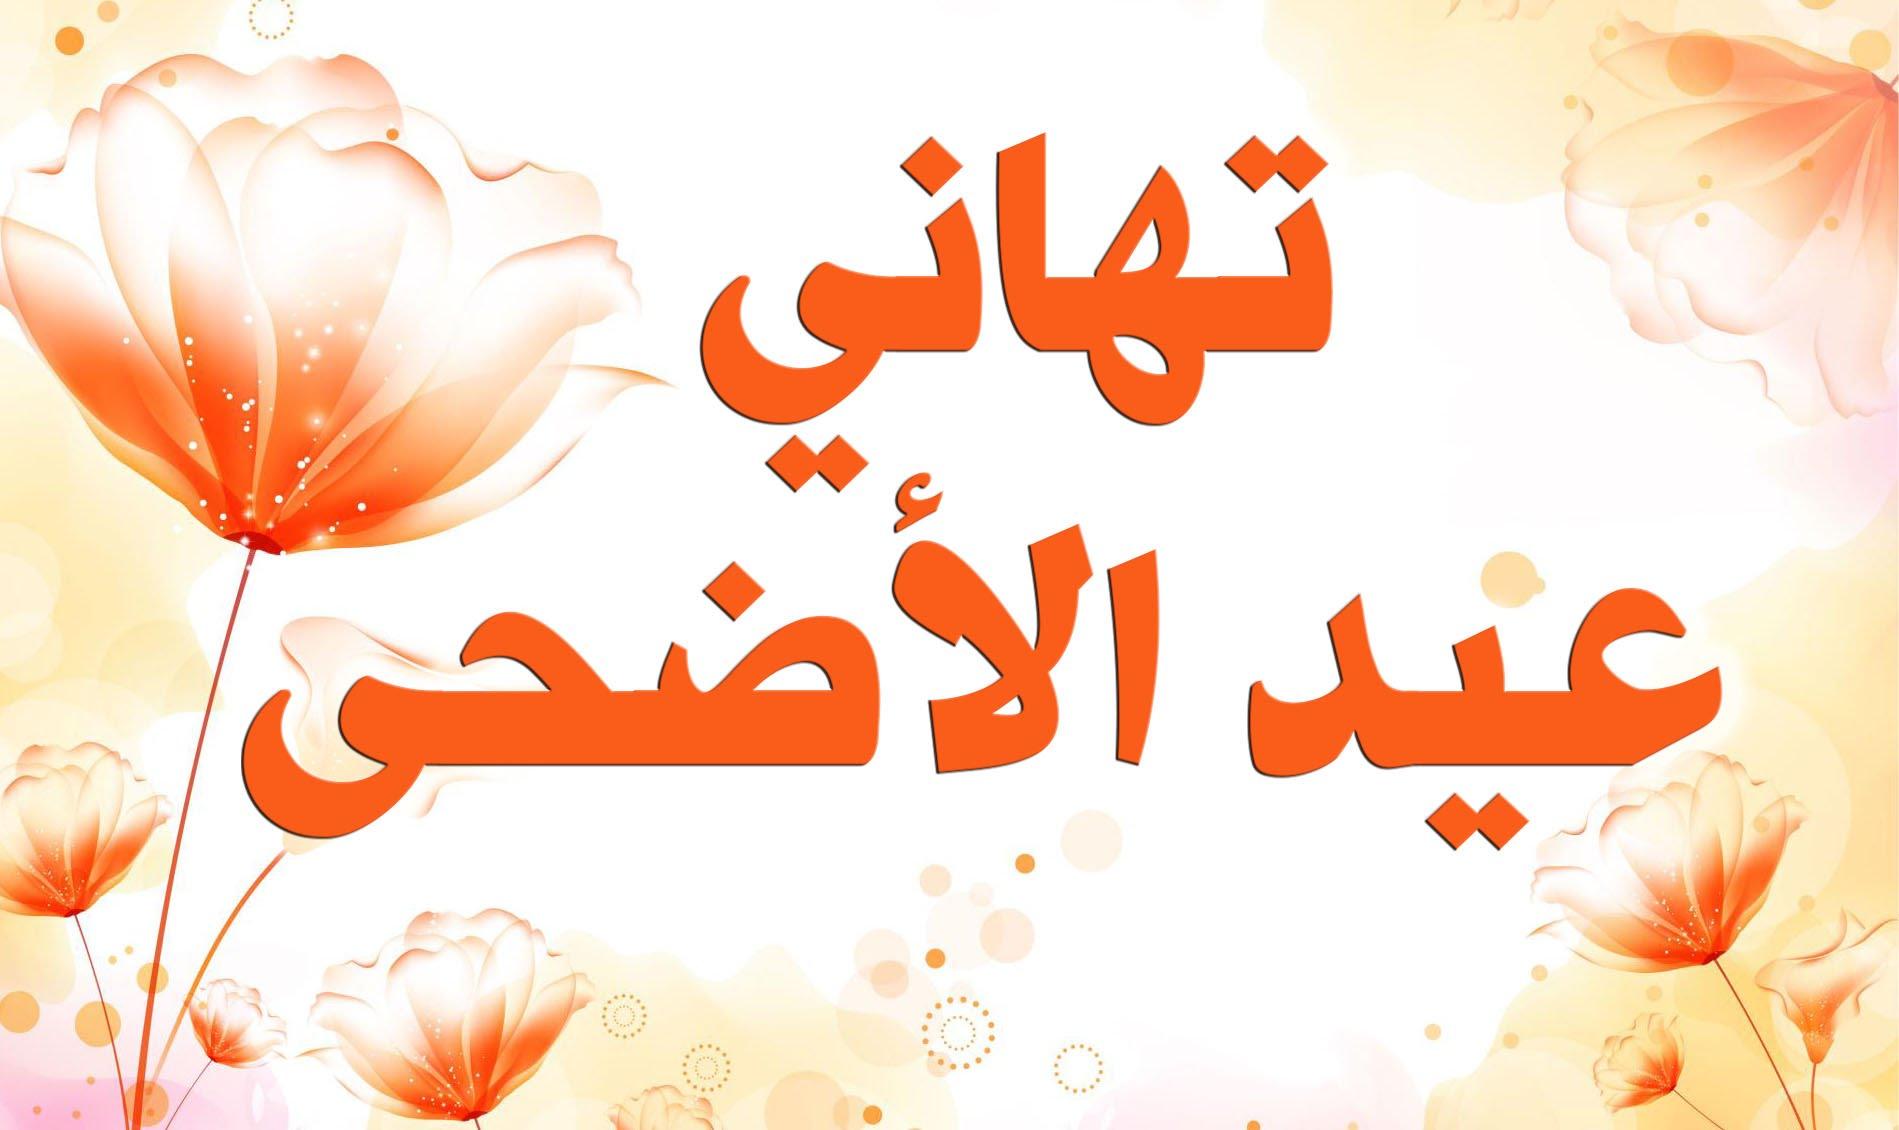 بالصور صور عن عيد الاضحى , شاهد بالصور عادات عيد الاضحى 2054